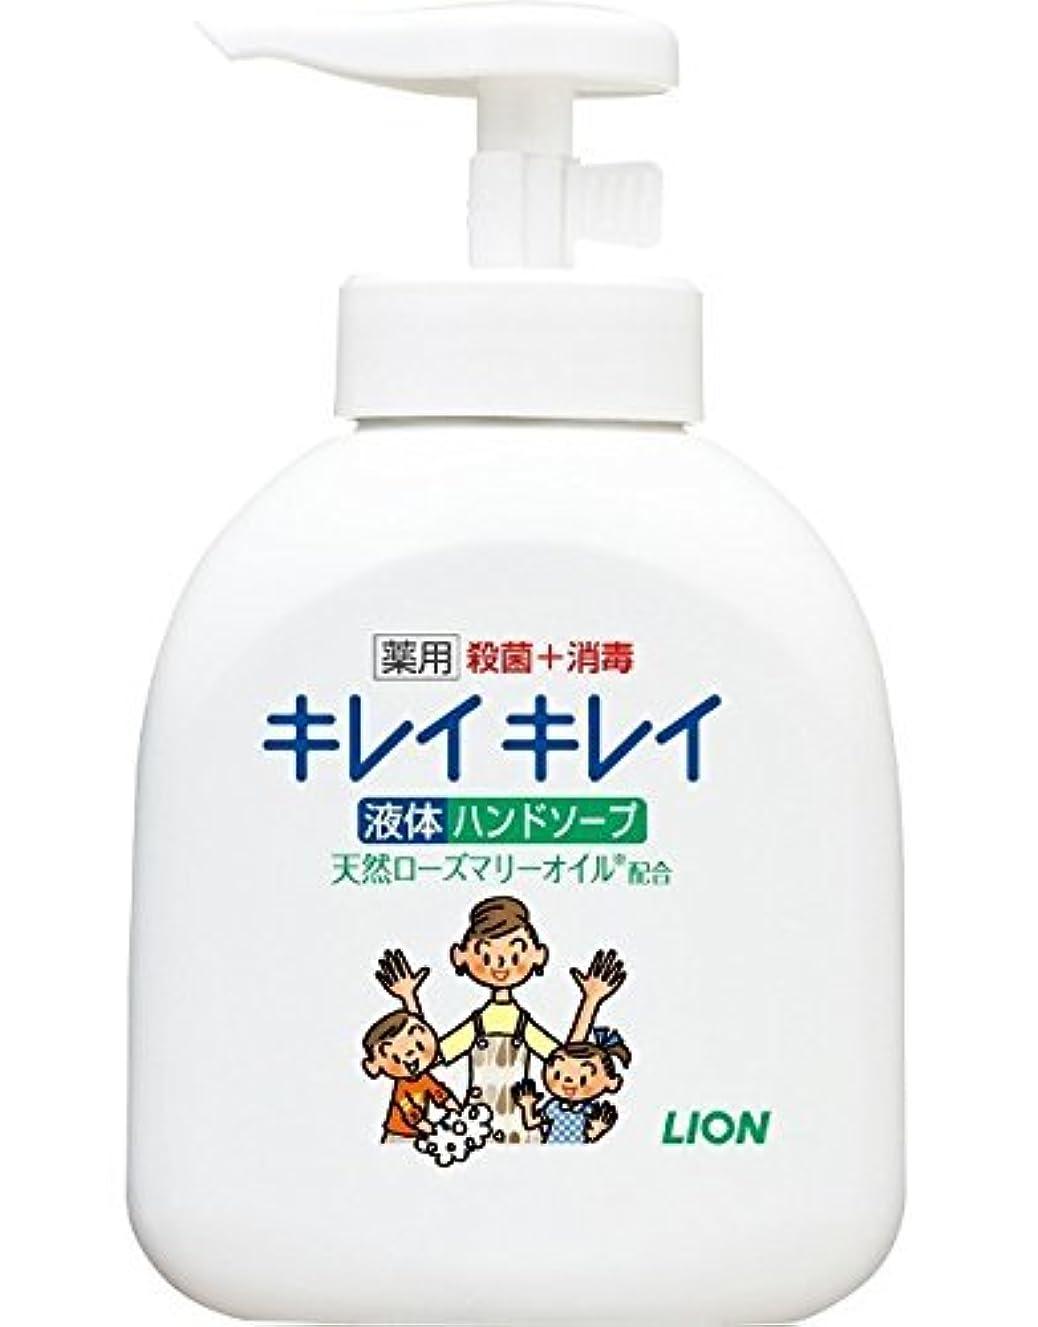 引き受ける遊びます気質【ライオン】キレイキレイ薬用液体ハンドソープ 本体ポンプ 250ml ×10個セット